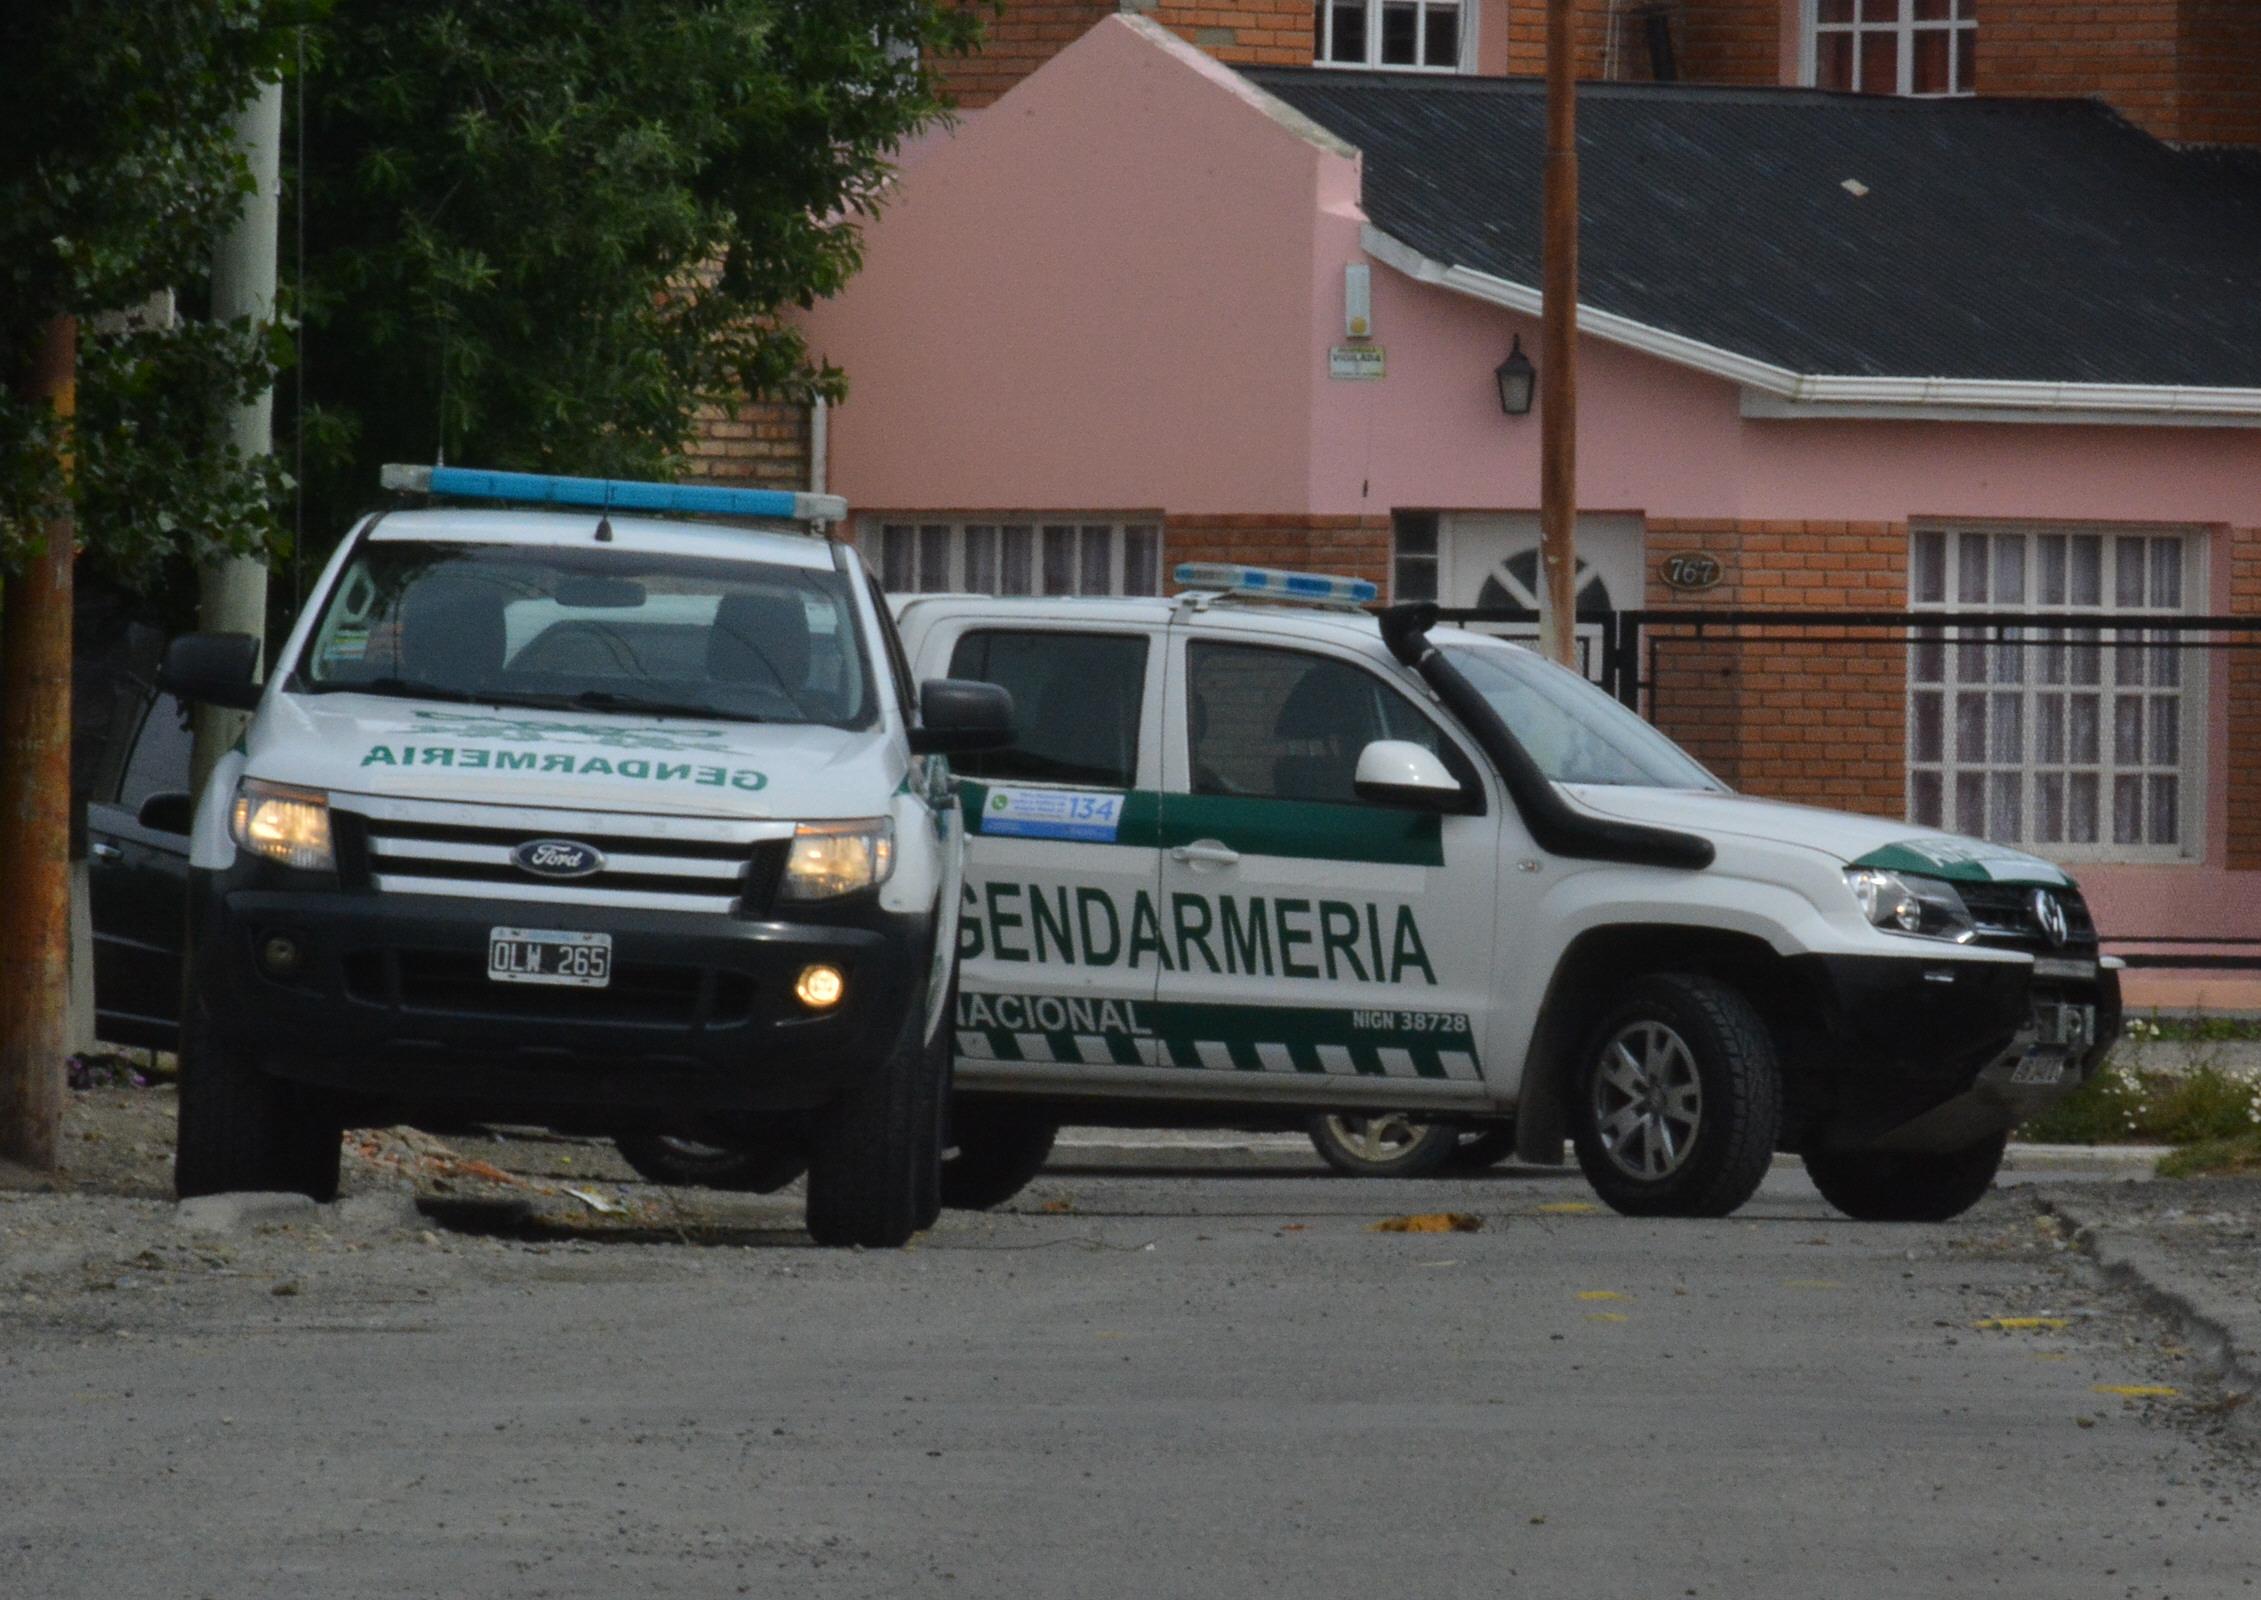 Las fuerzas cortaron el paso por unas horas mientras se hacía el allanamiento. FOTO: MIRTA VELÁSQUEZ/LA OPINIÓN AUSTRAL